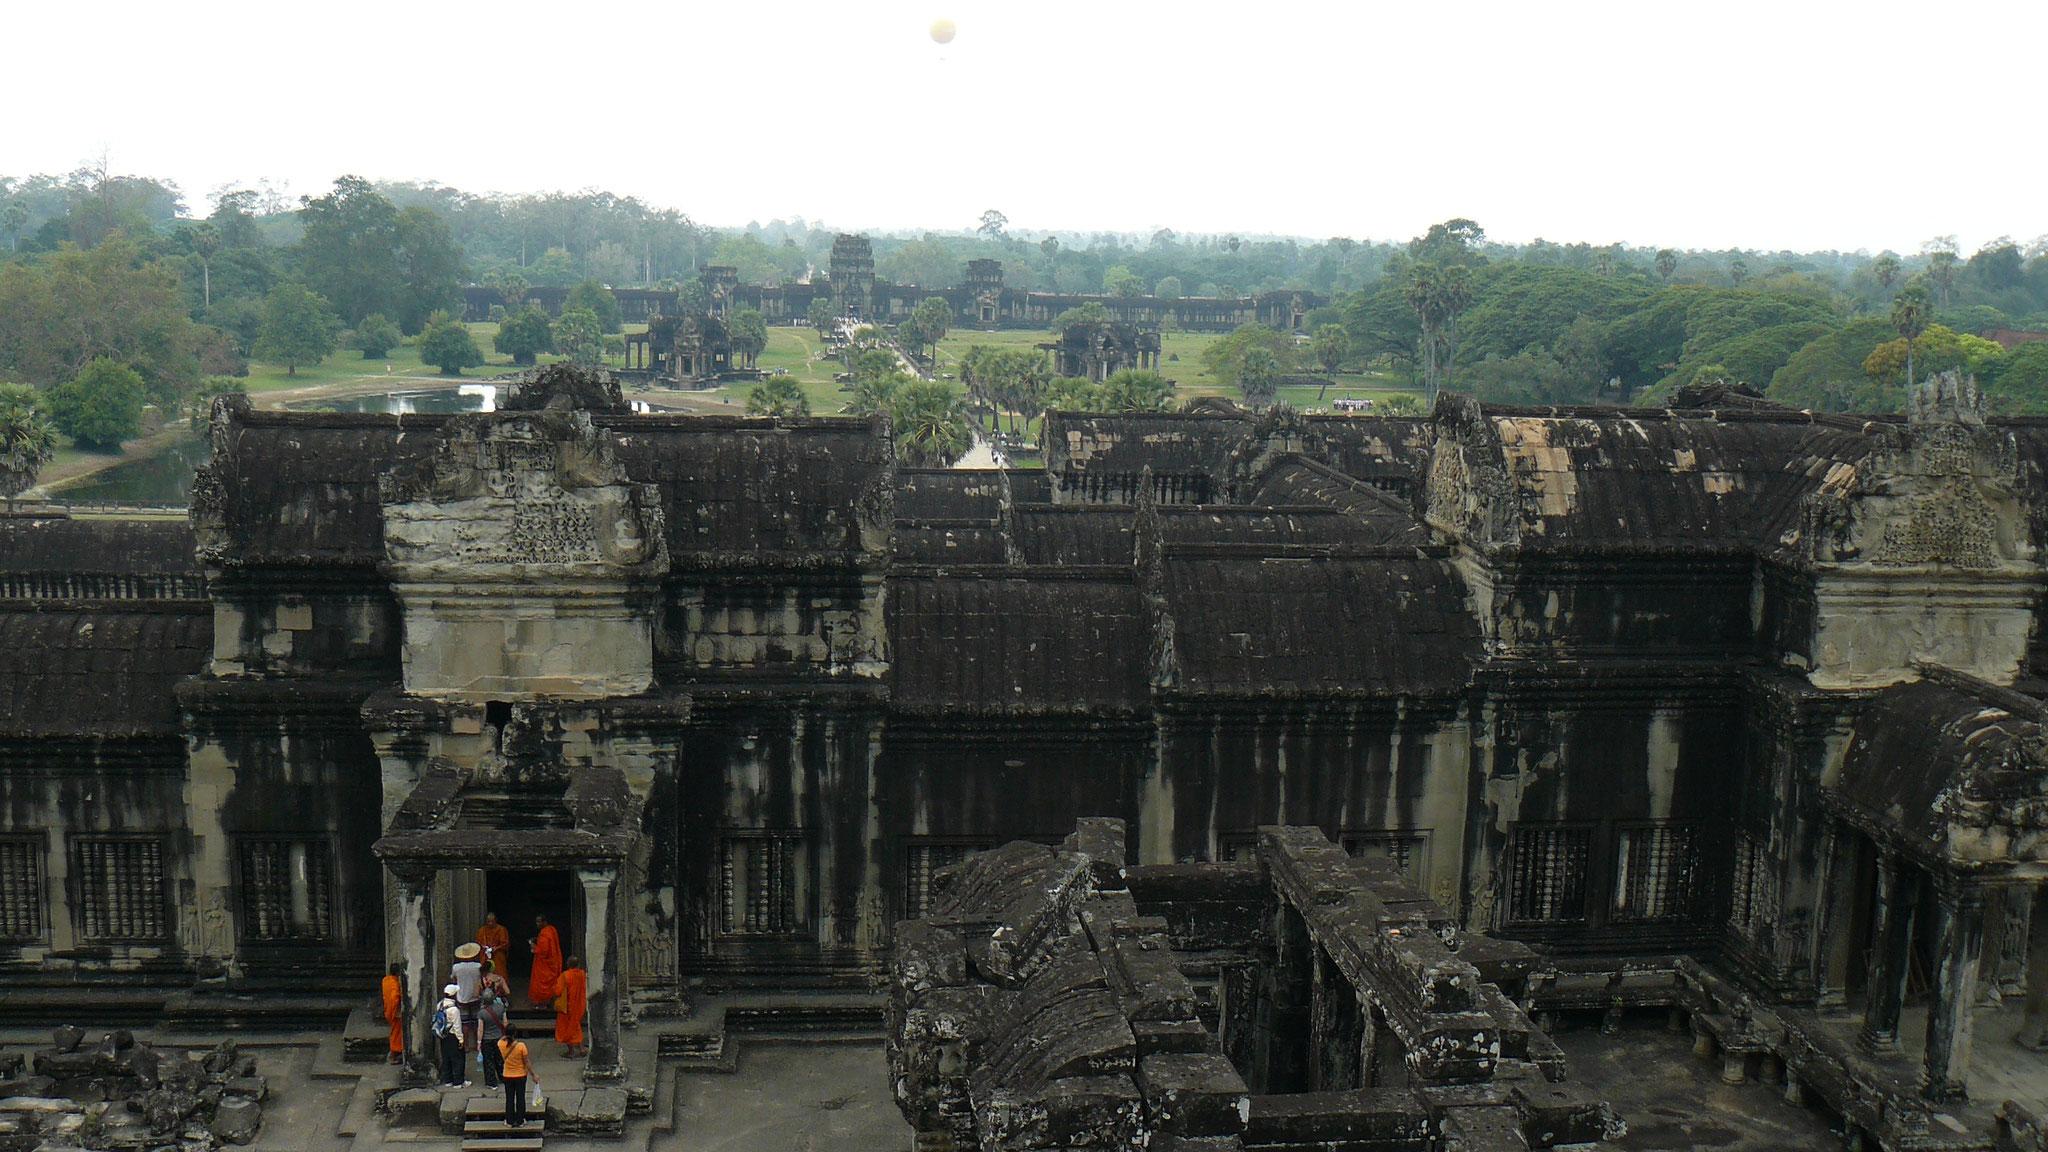 Kambodscha, Angkor Wat - Roman und Lena liefern sich ein Tuk Tuk-Rennen